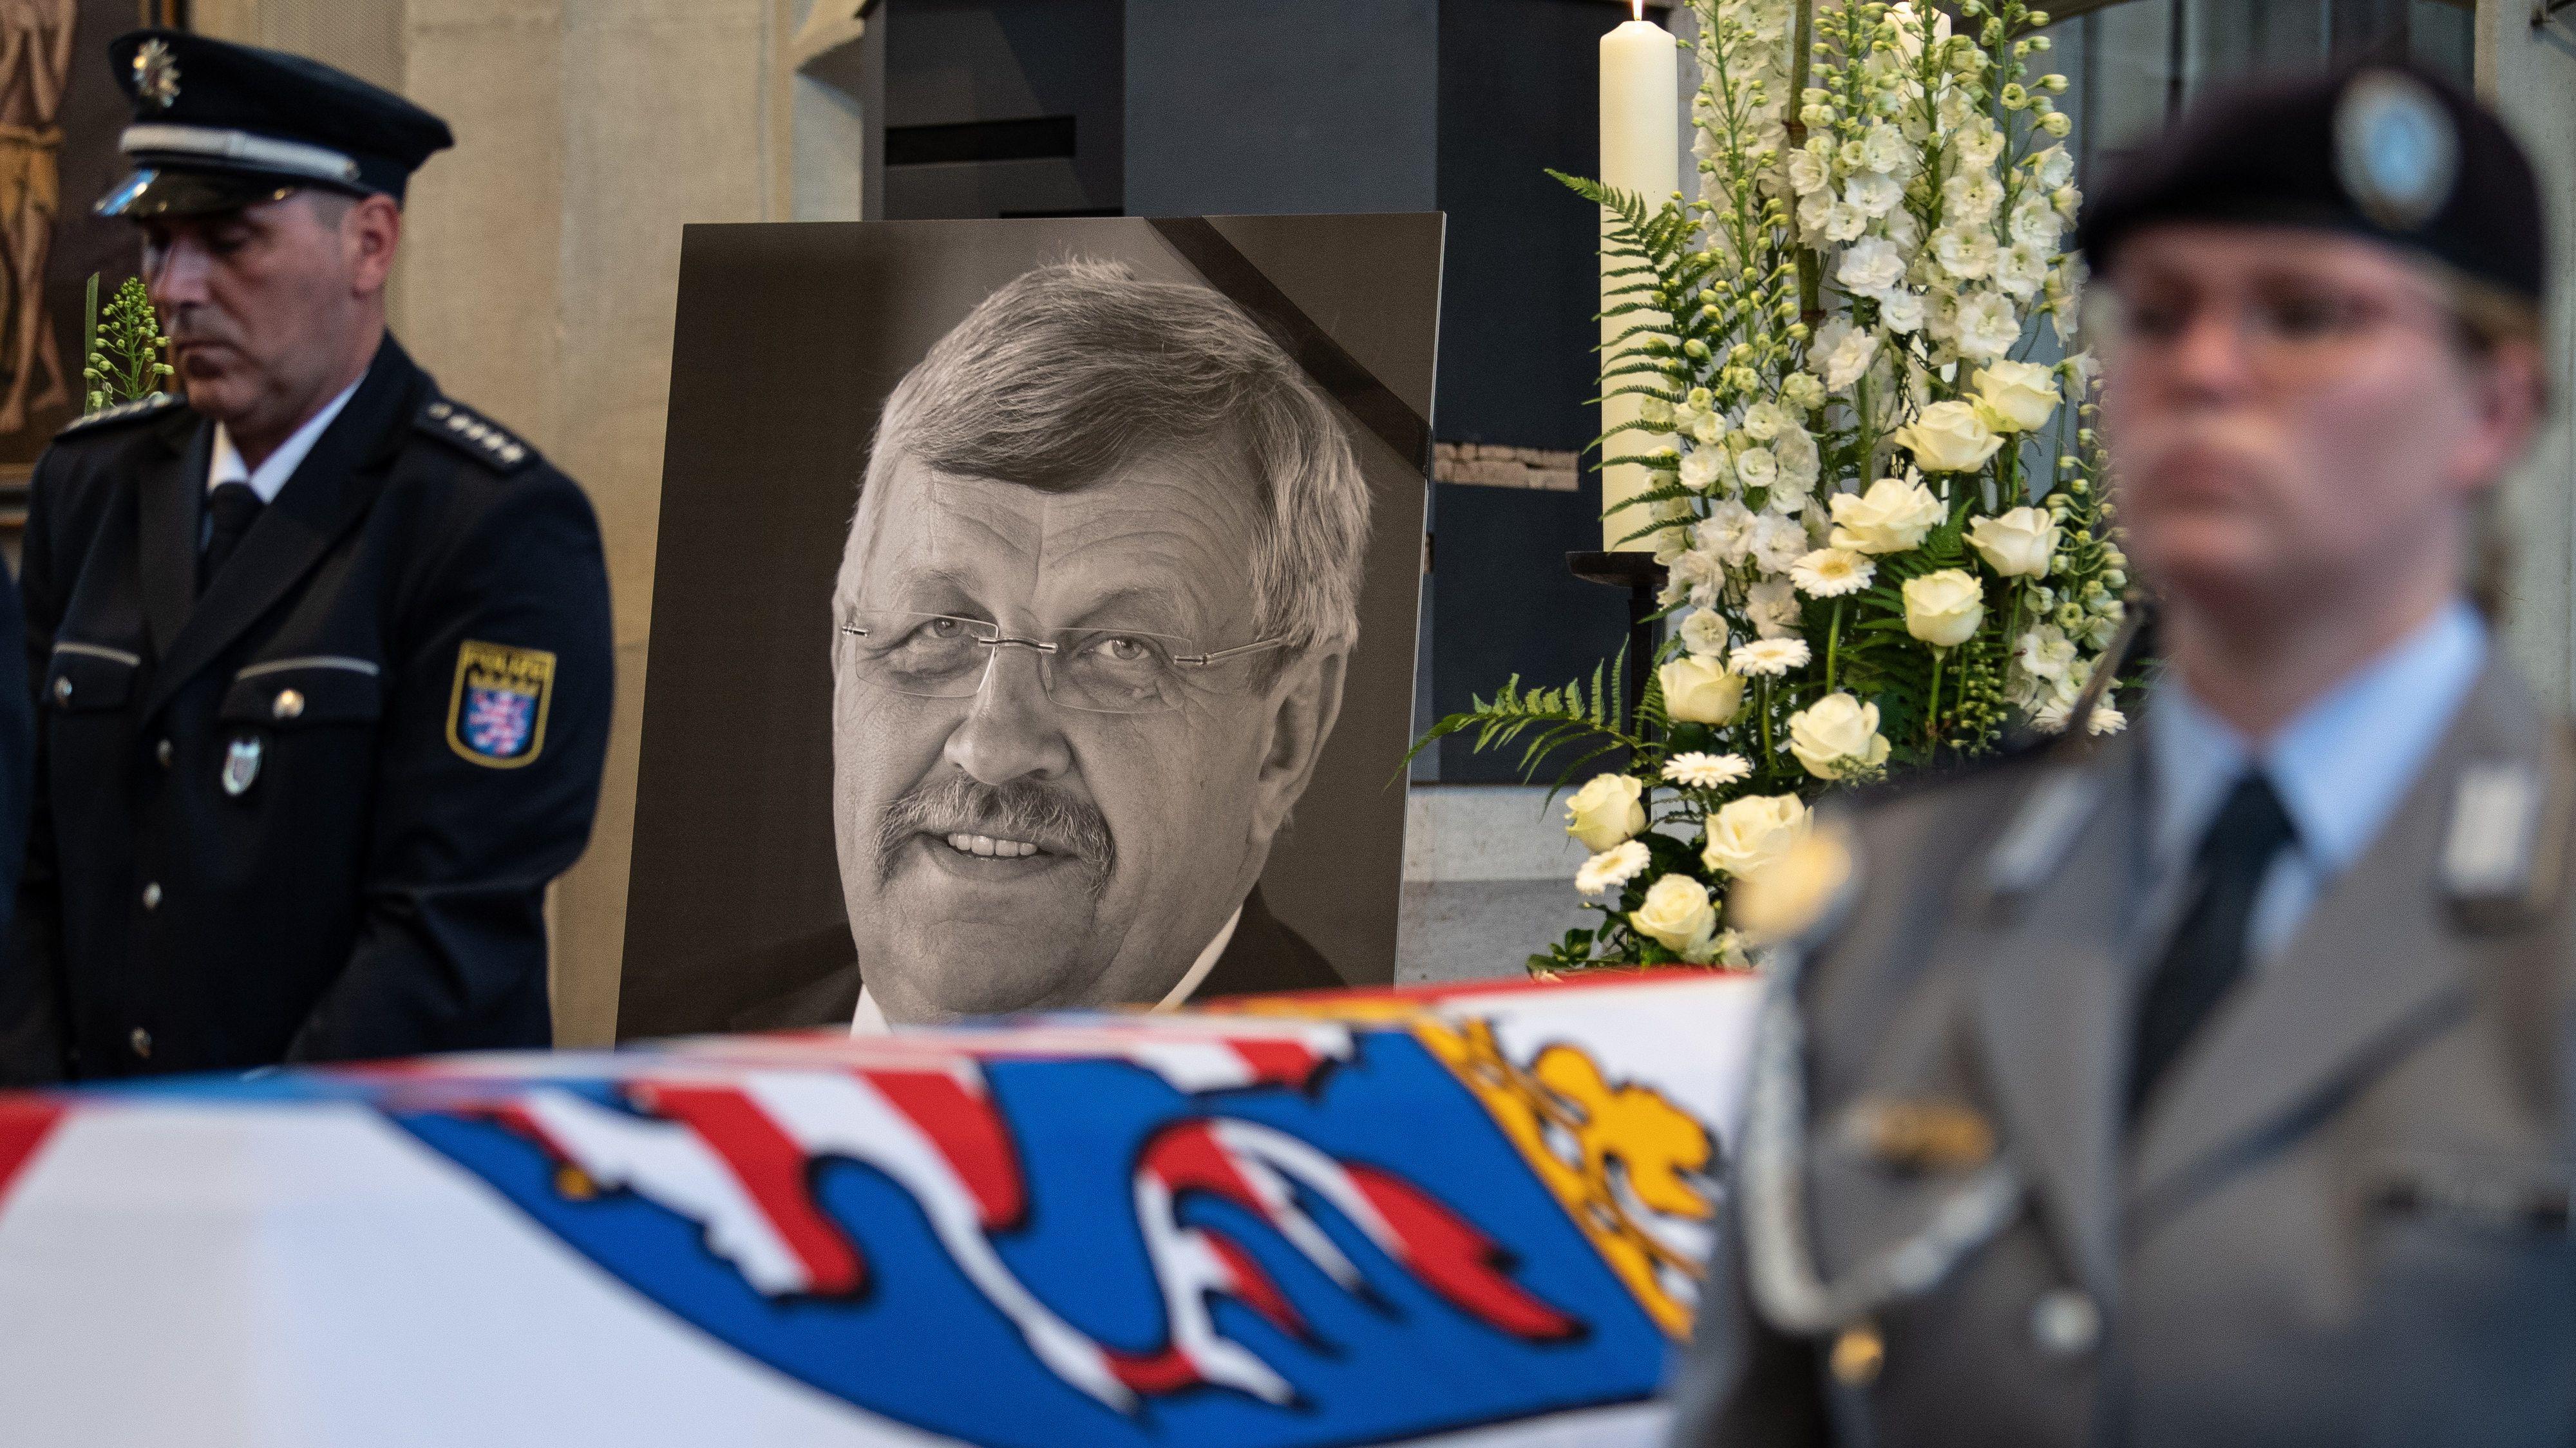 Beisetzung des Kassler Regierungspräsidenten Walter Lübcke